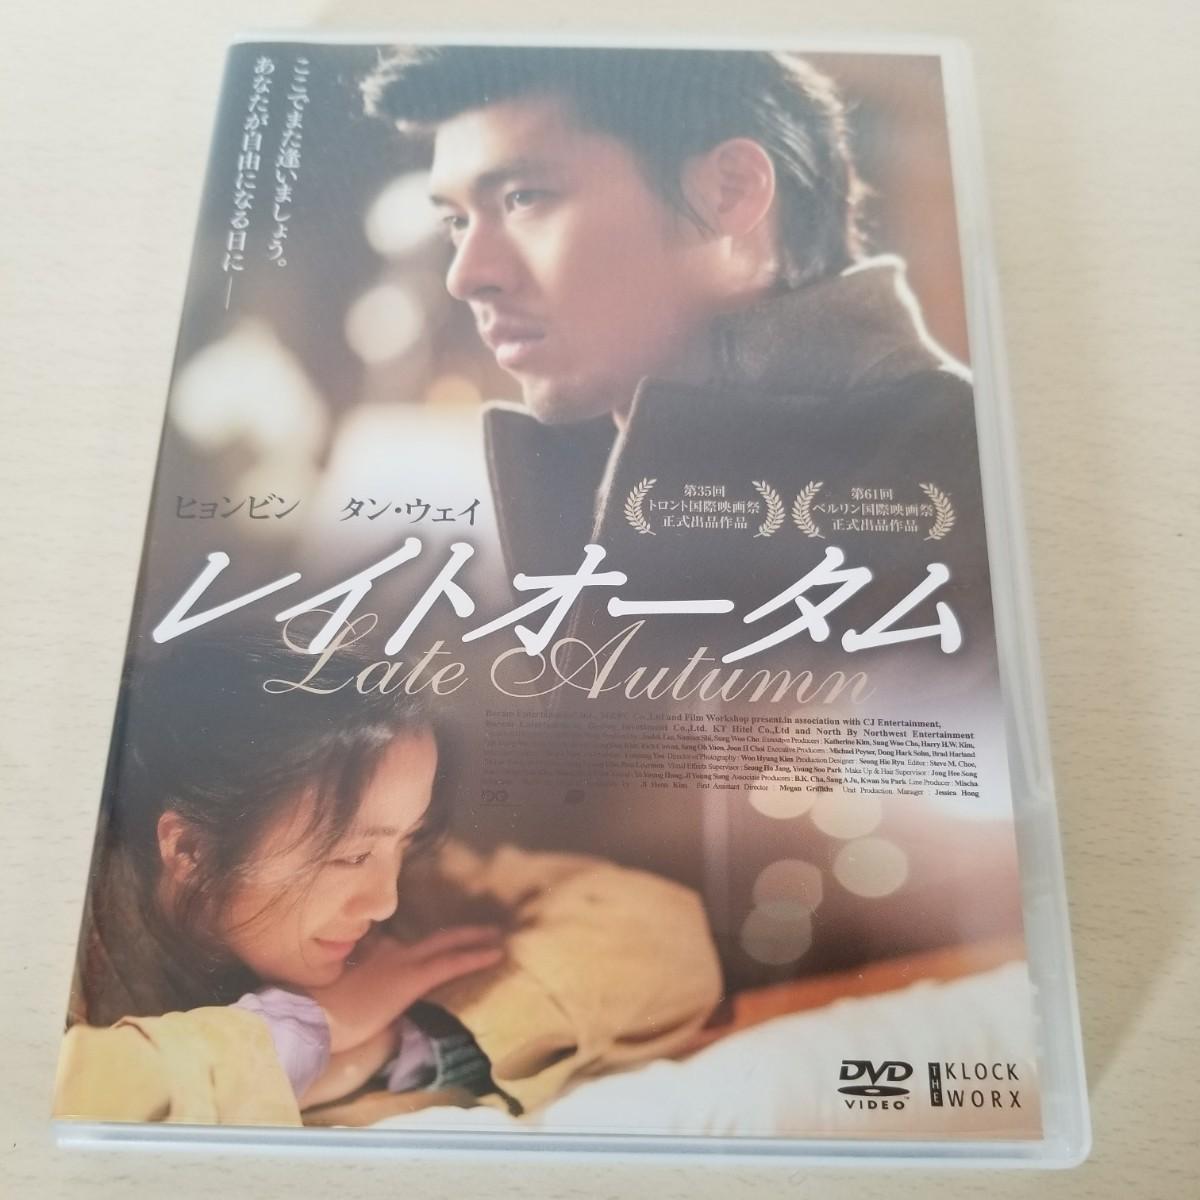 ヒョンビン レイトオータム DVD  韓国映画 特典映像つき